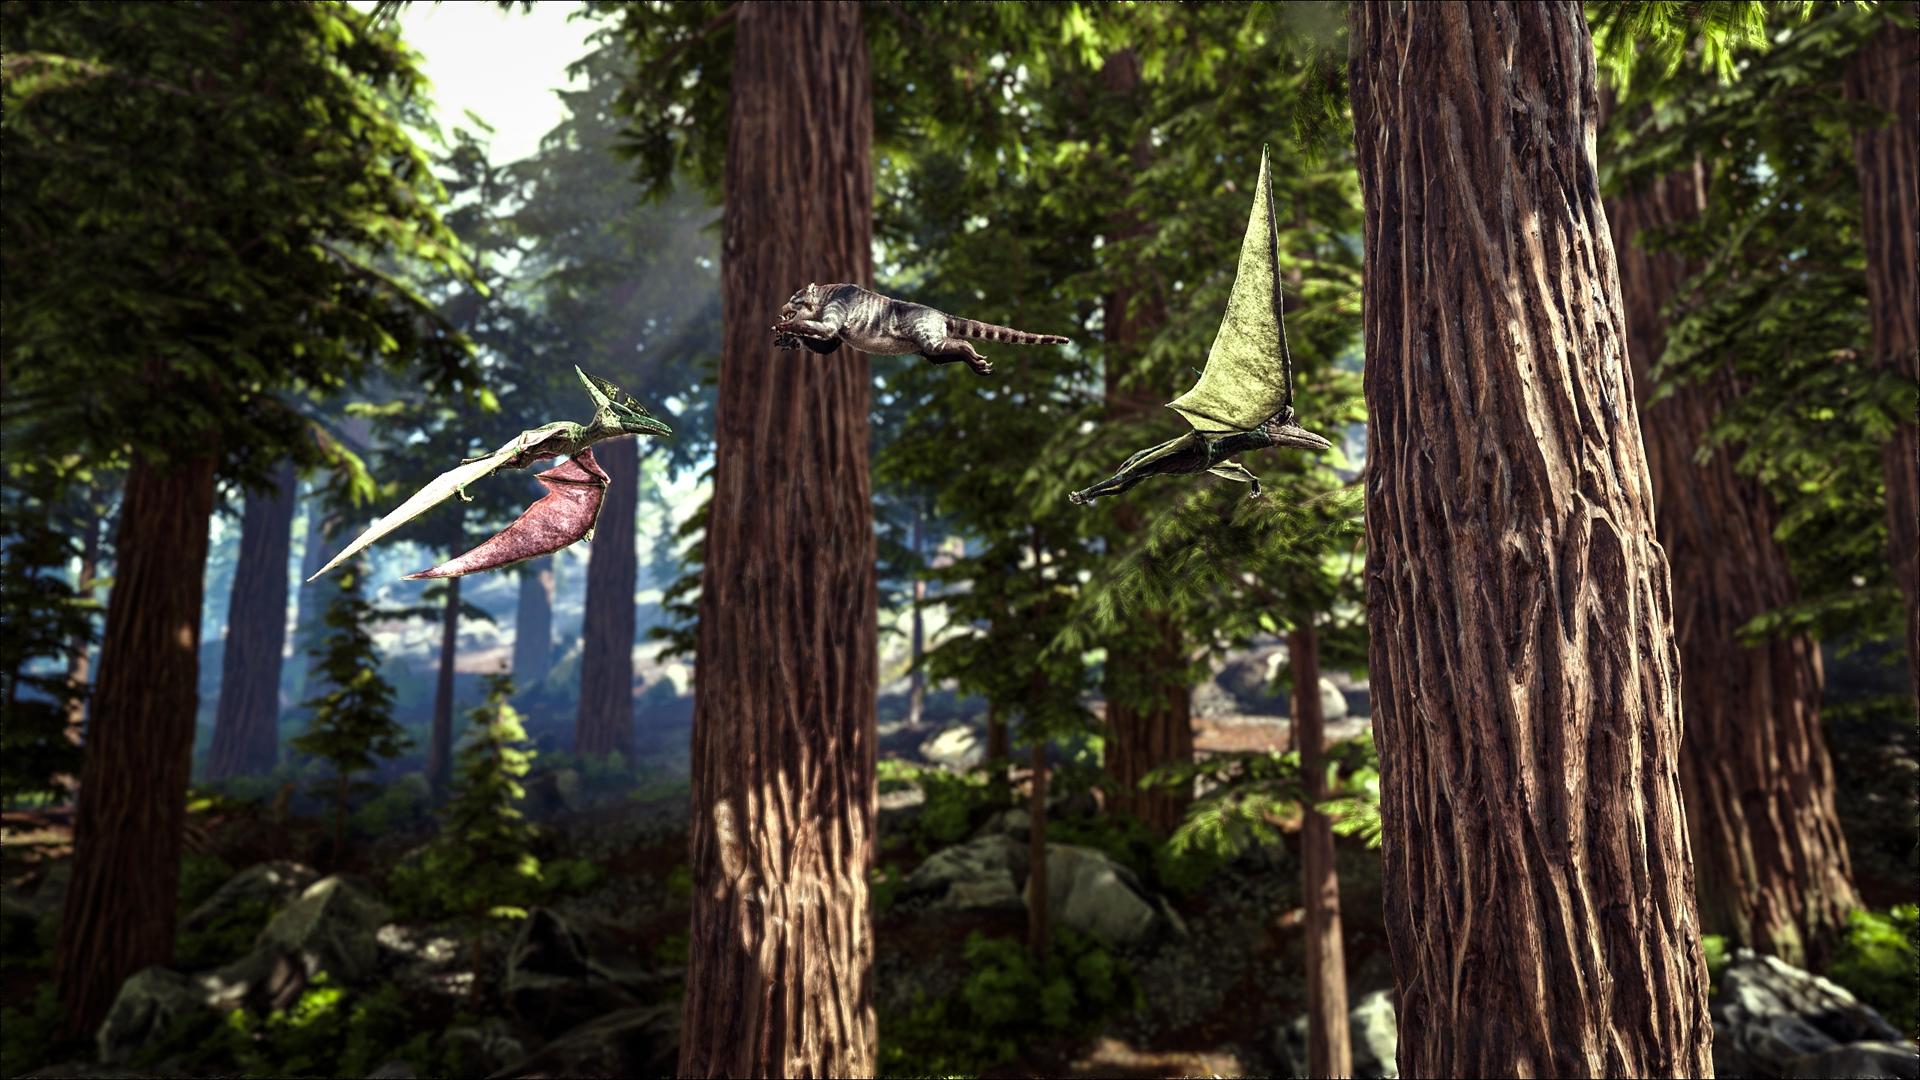 Ark: Survival Evolved Update v255 Trailer and Artwork! – The Hidden